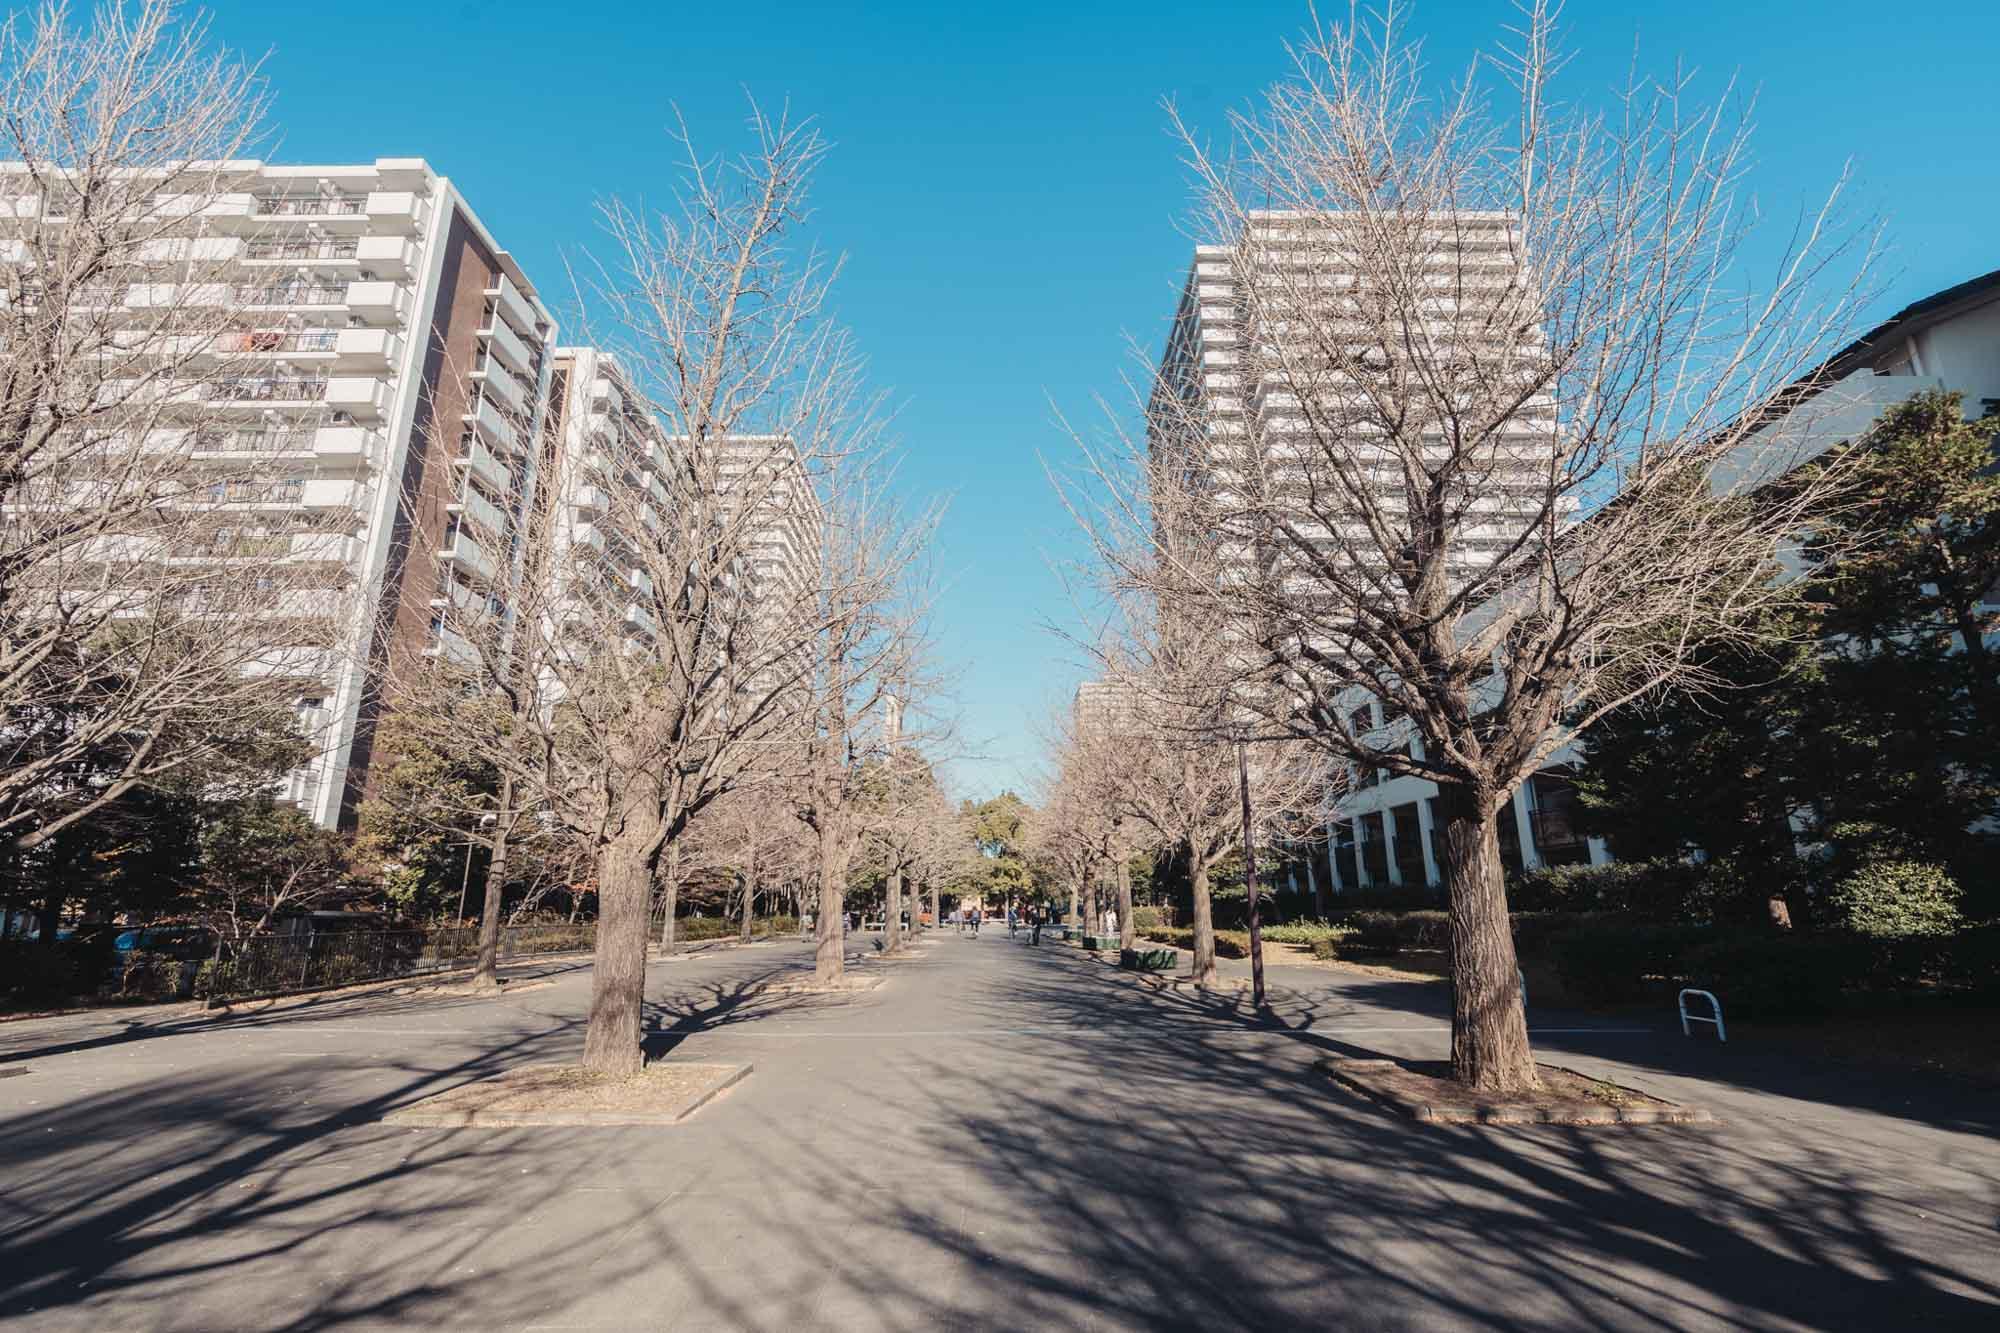 名前の通り、立派なイチョウの木が並び立つ大きな遊歩道に隣接しています。ここをまっすぐ進めばすぐ駅へ。